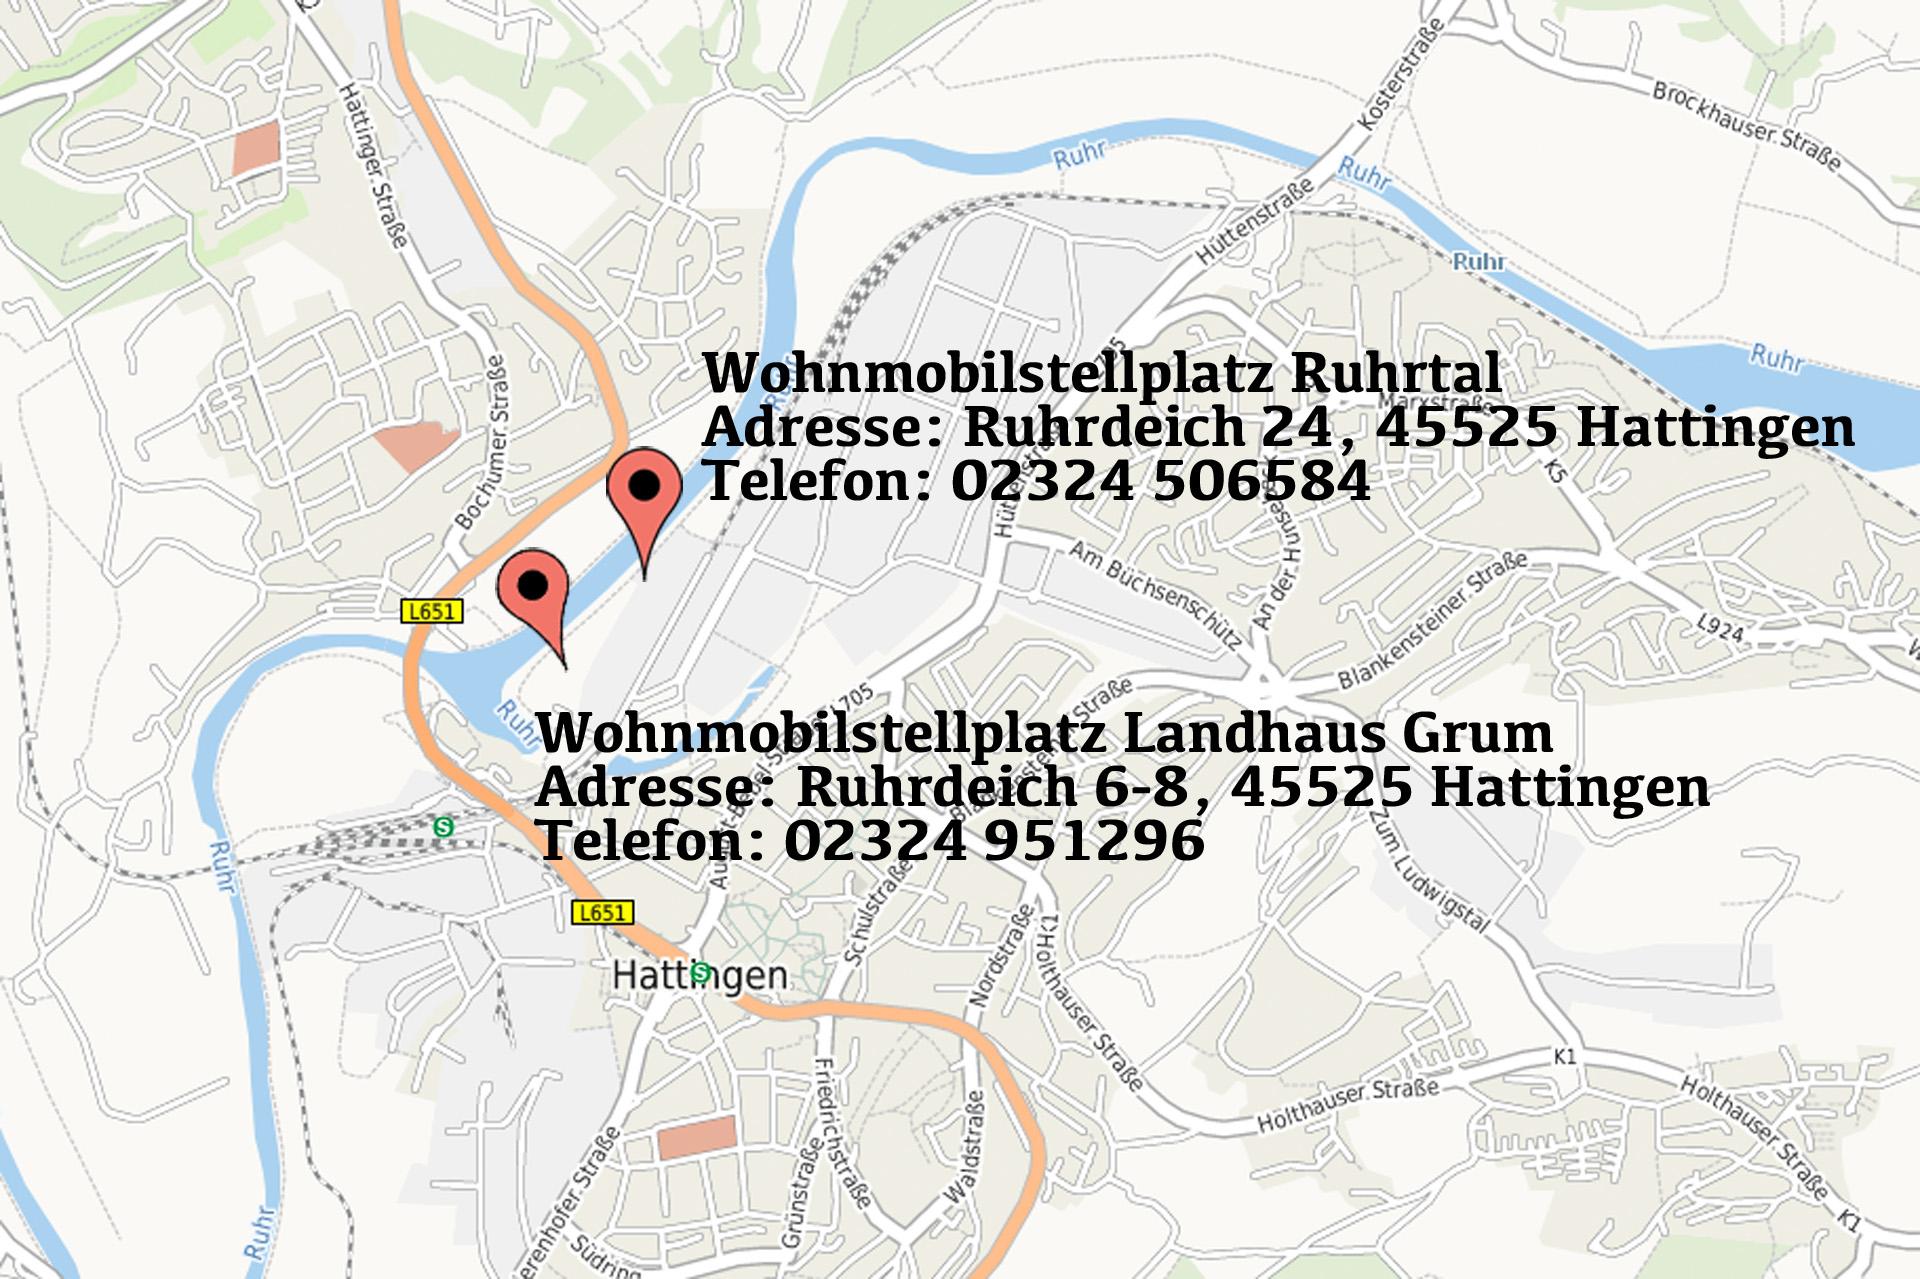 Mit dem Wohnmobil ins Ruhrgebiet - Stellplätze Hattingen